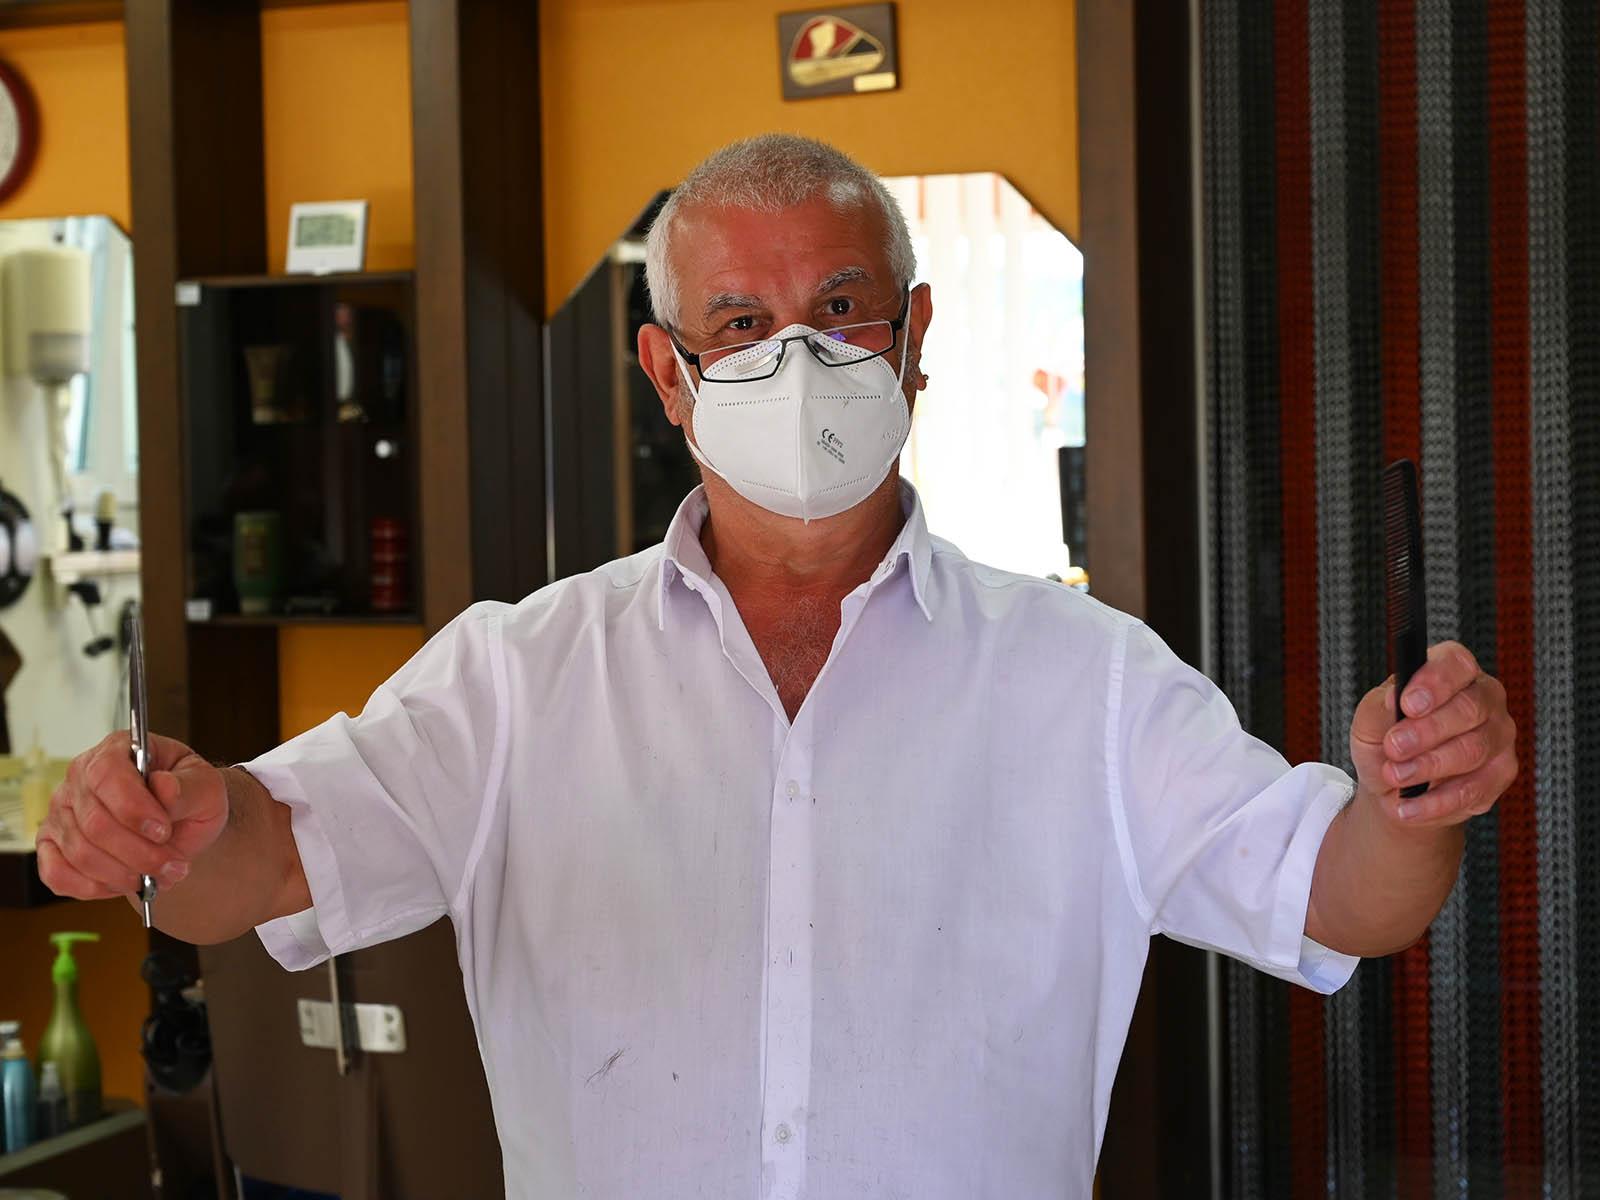 Der Herren-Coiffeur Michele Cotoia freut sich, endlich wieder seiner Passion nachgehen zu können.